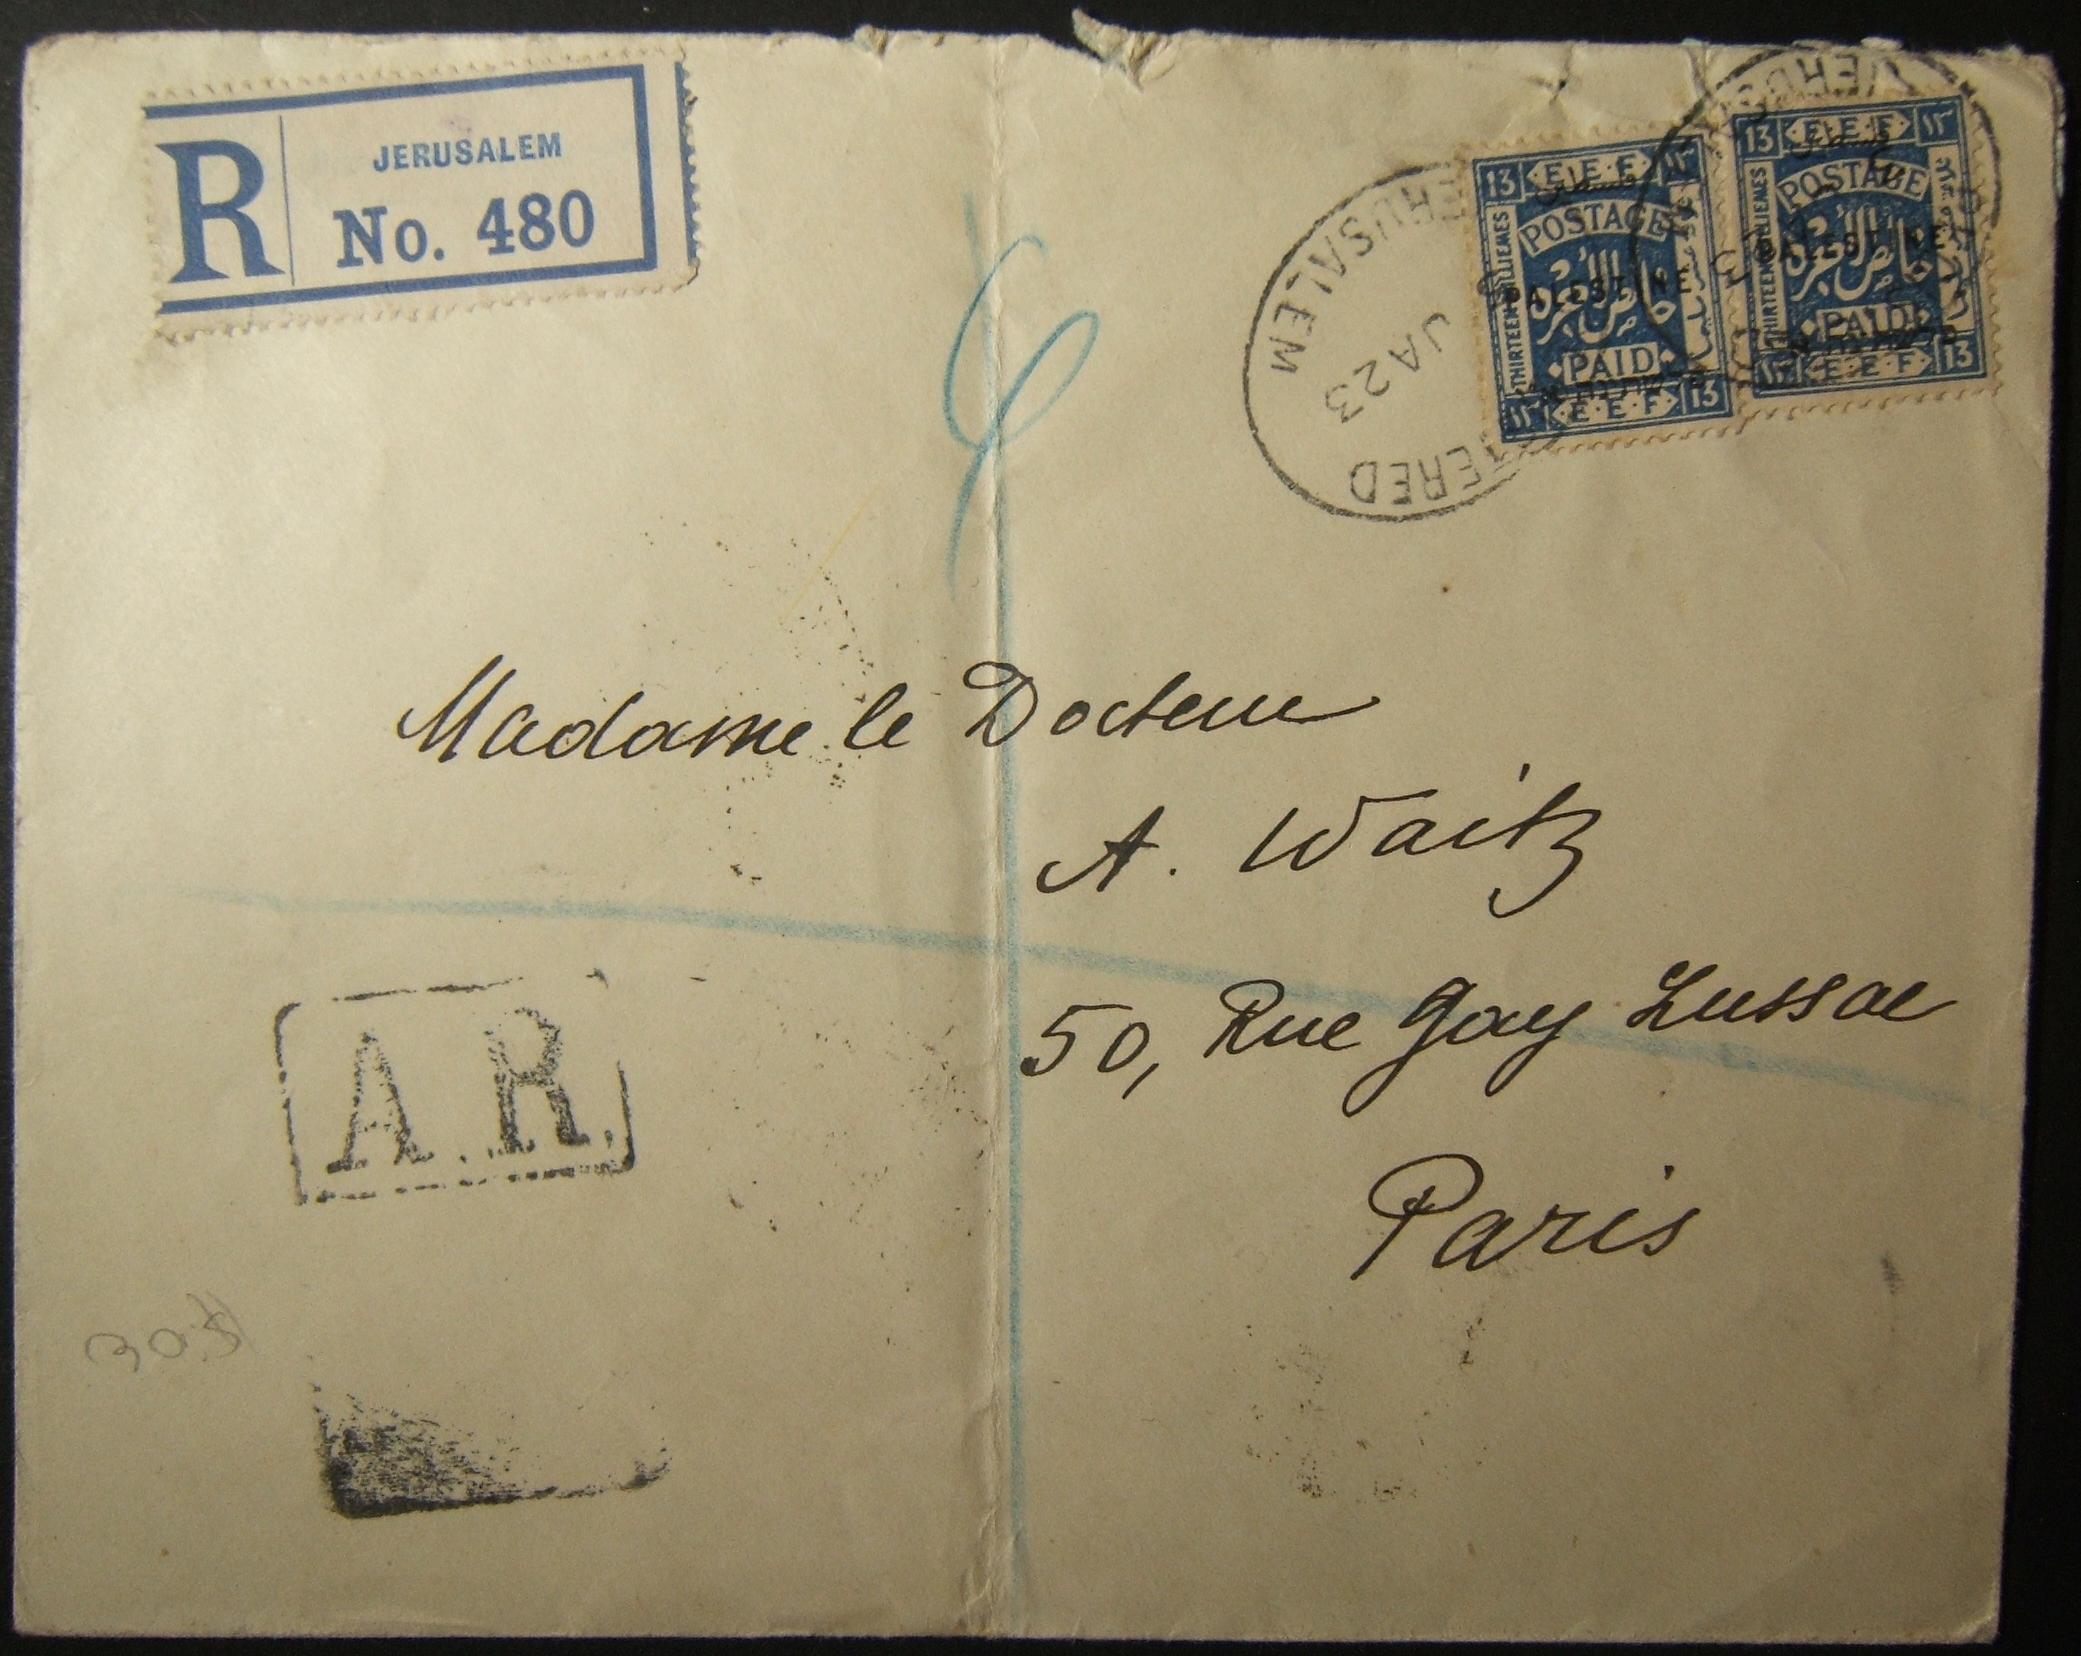 1/1923 אוויס קבלת דואר מארץ ישראל לצרפת באמצעות דואר רכבת + סימן דואר עות'מאני